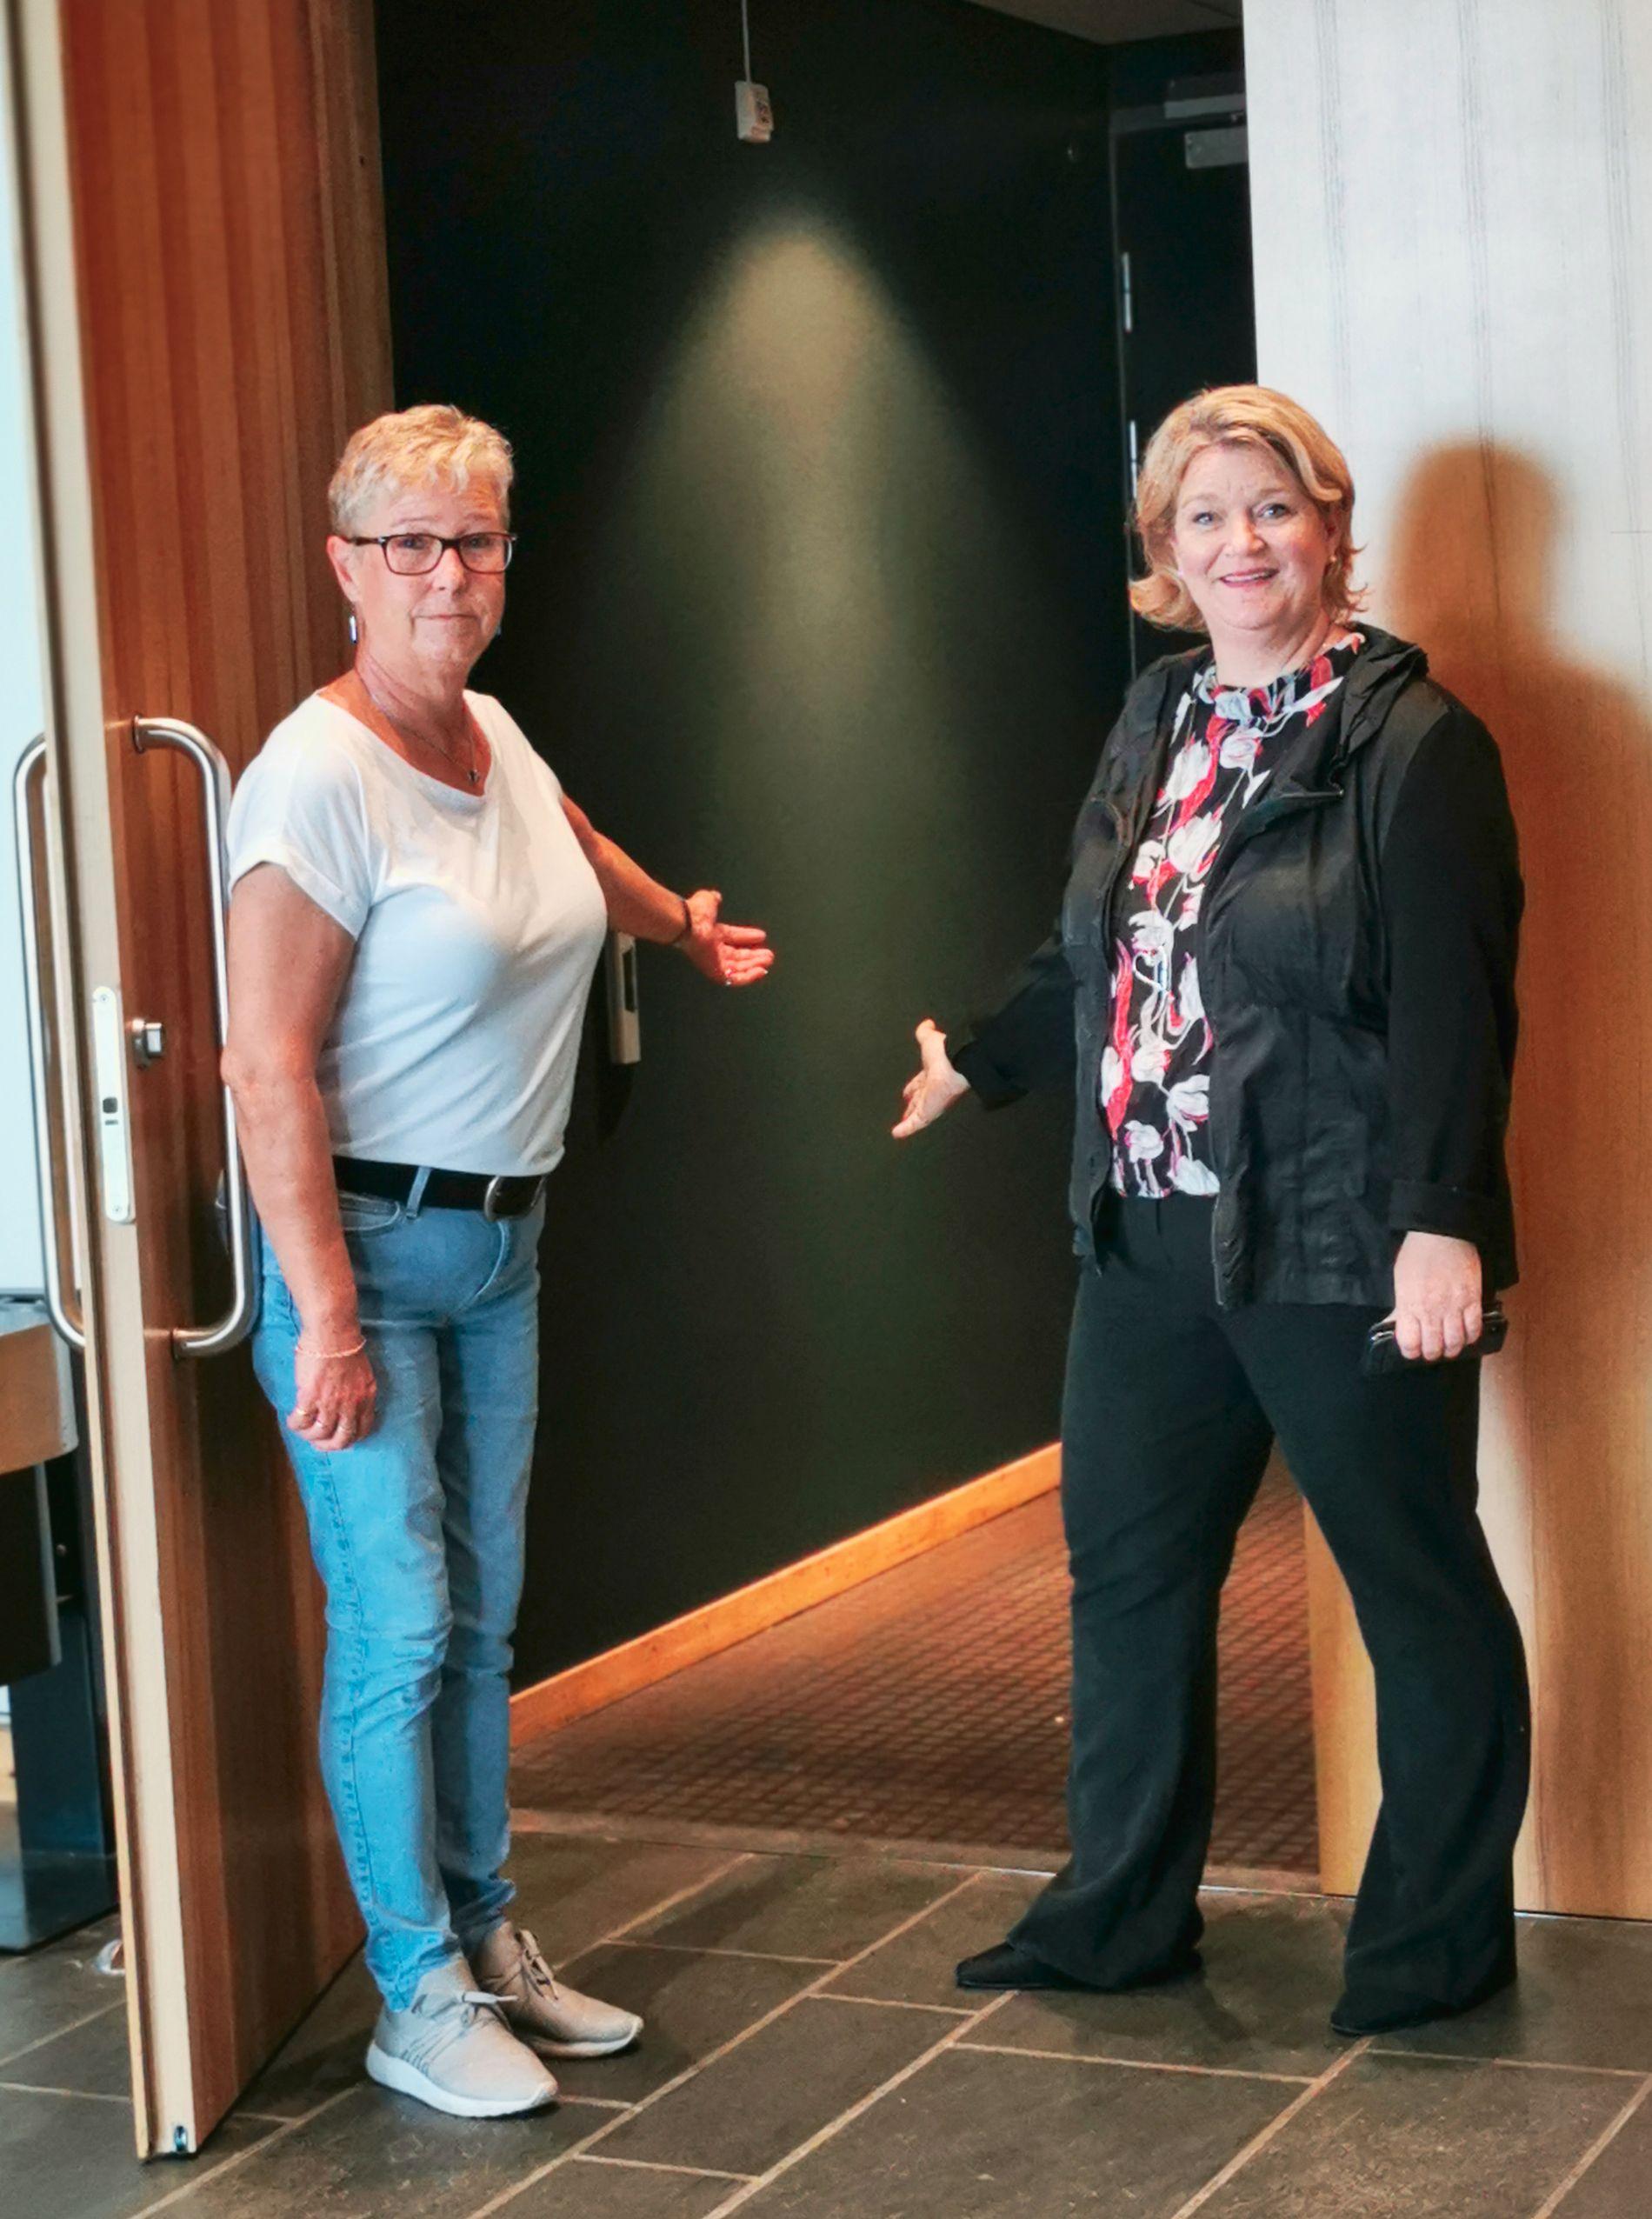 Gitte Jensen Engh and Nina Frivold at Ibsenhuset